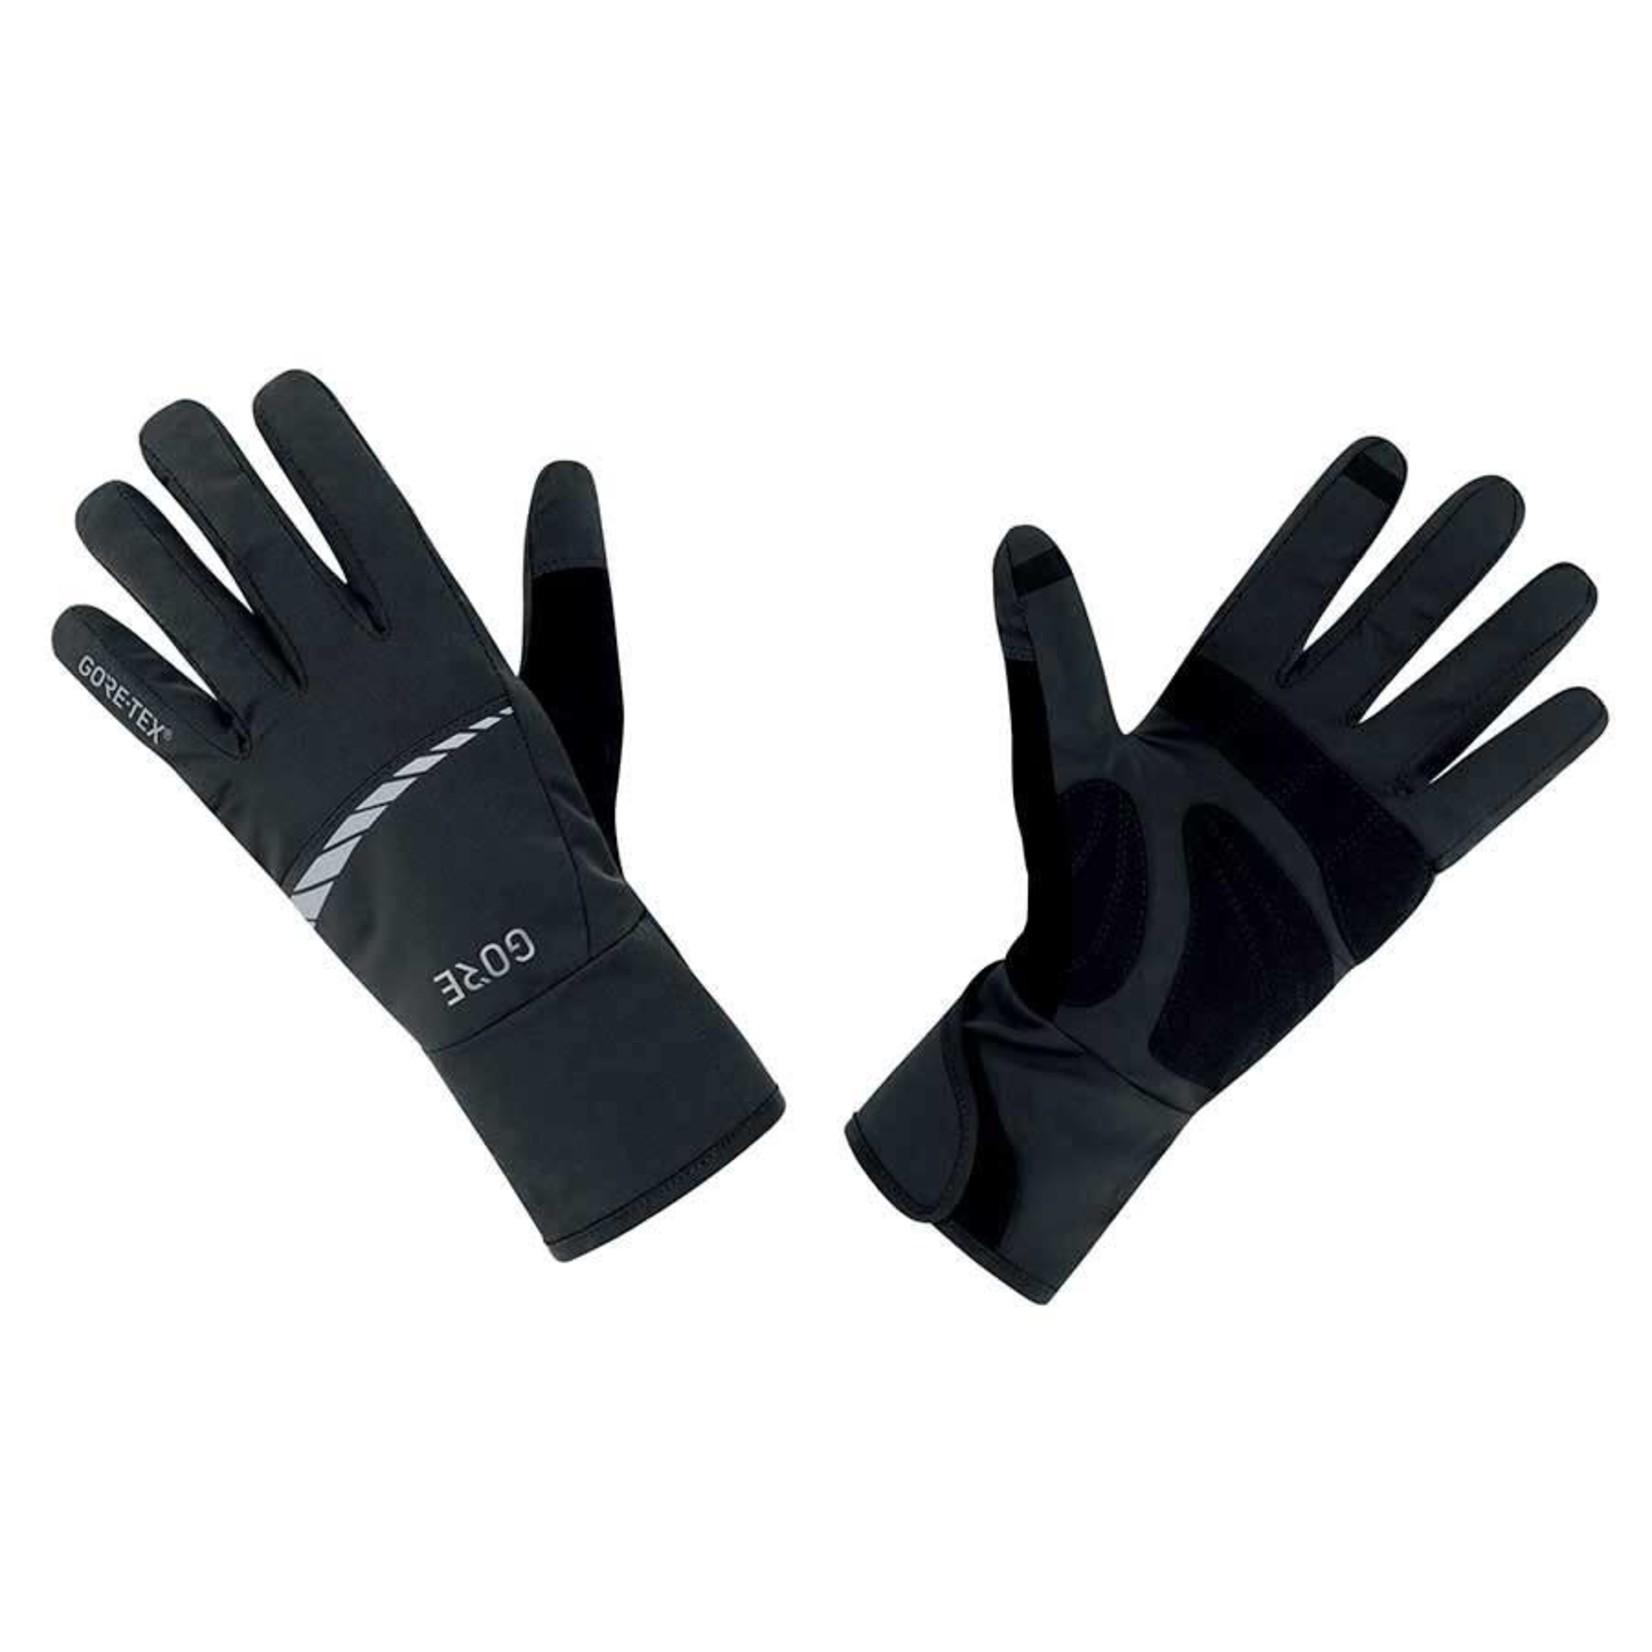 Gore Wear Gore Wear C5 Winter Gloves